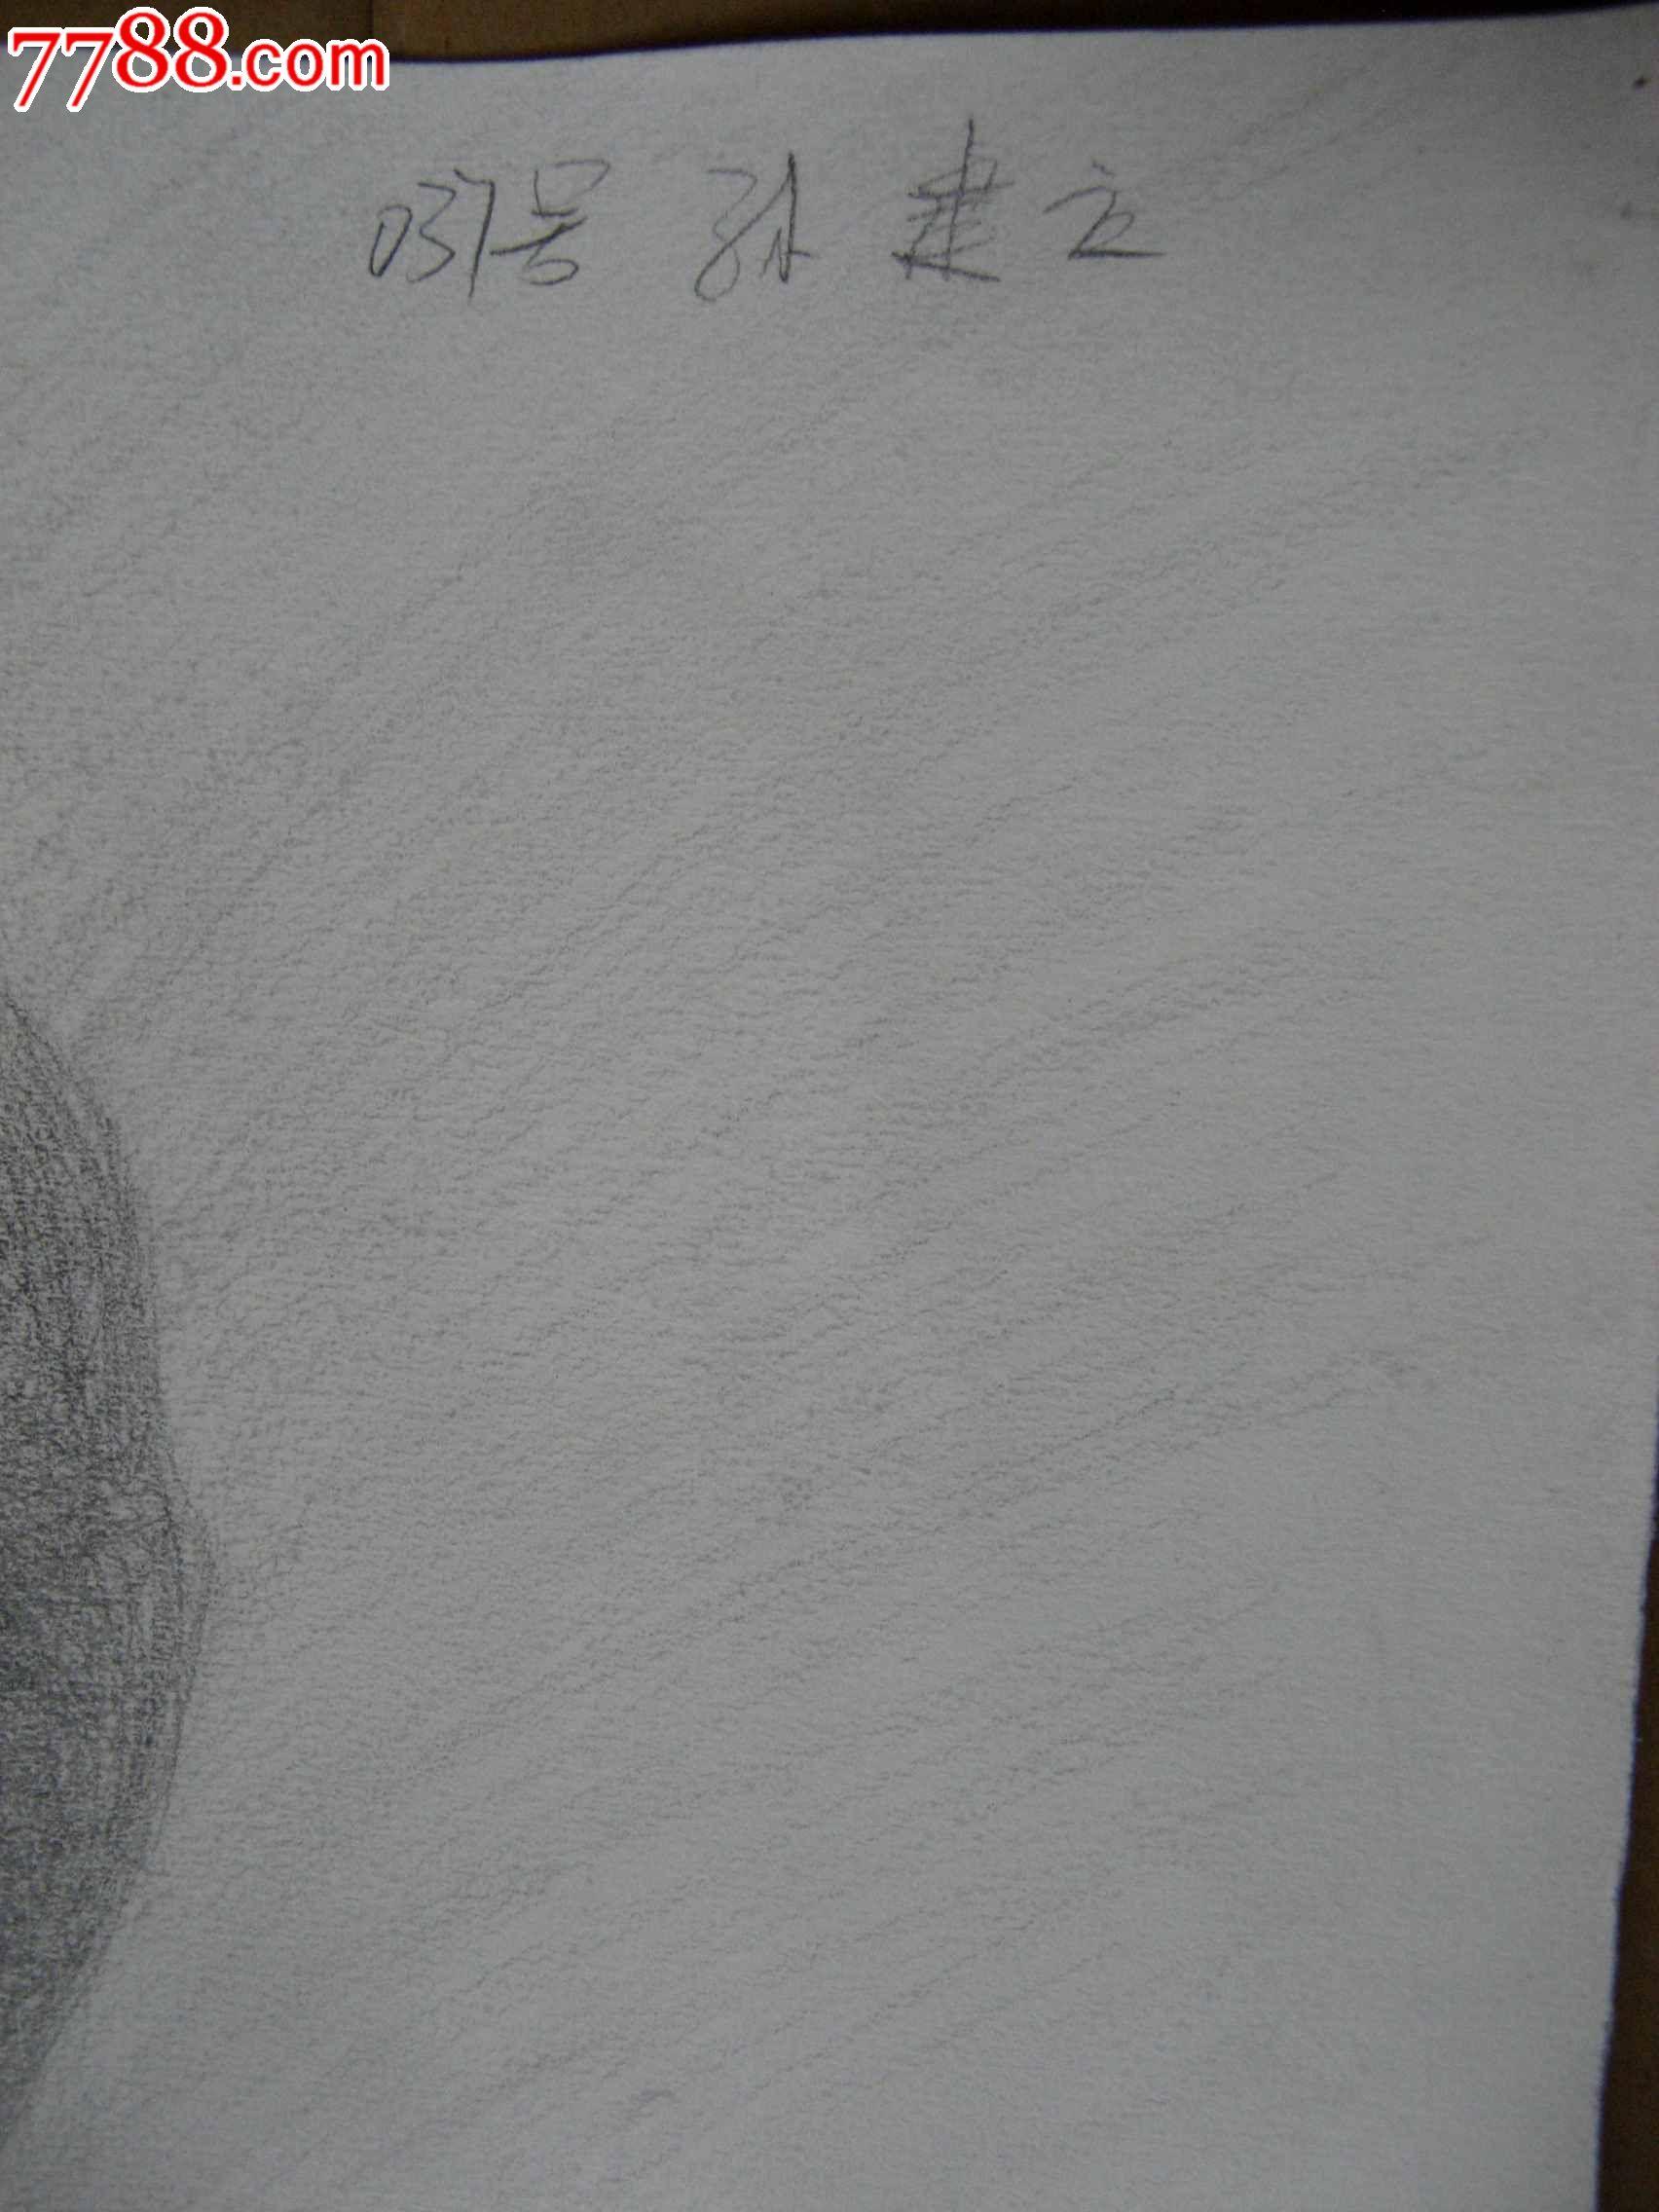 速写侧面老头_人物速写头像线描人物速写头像